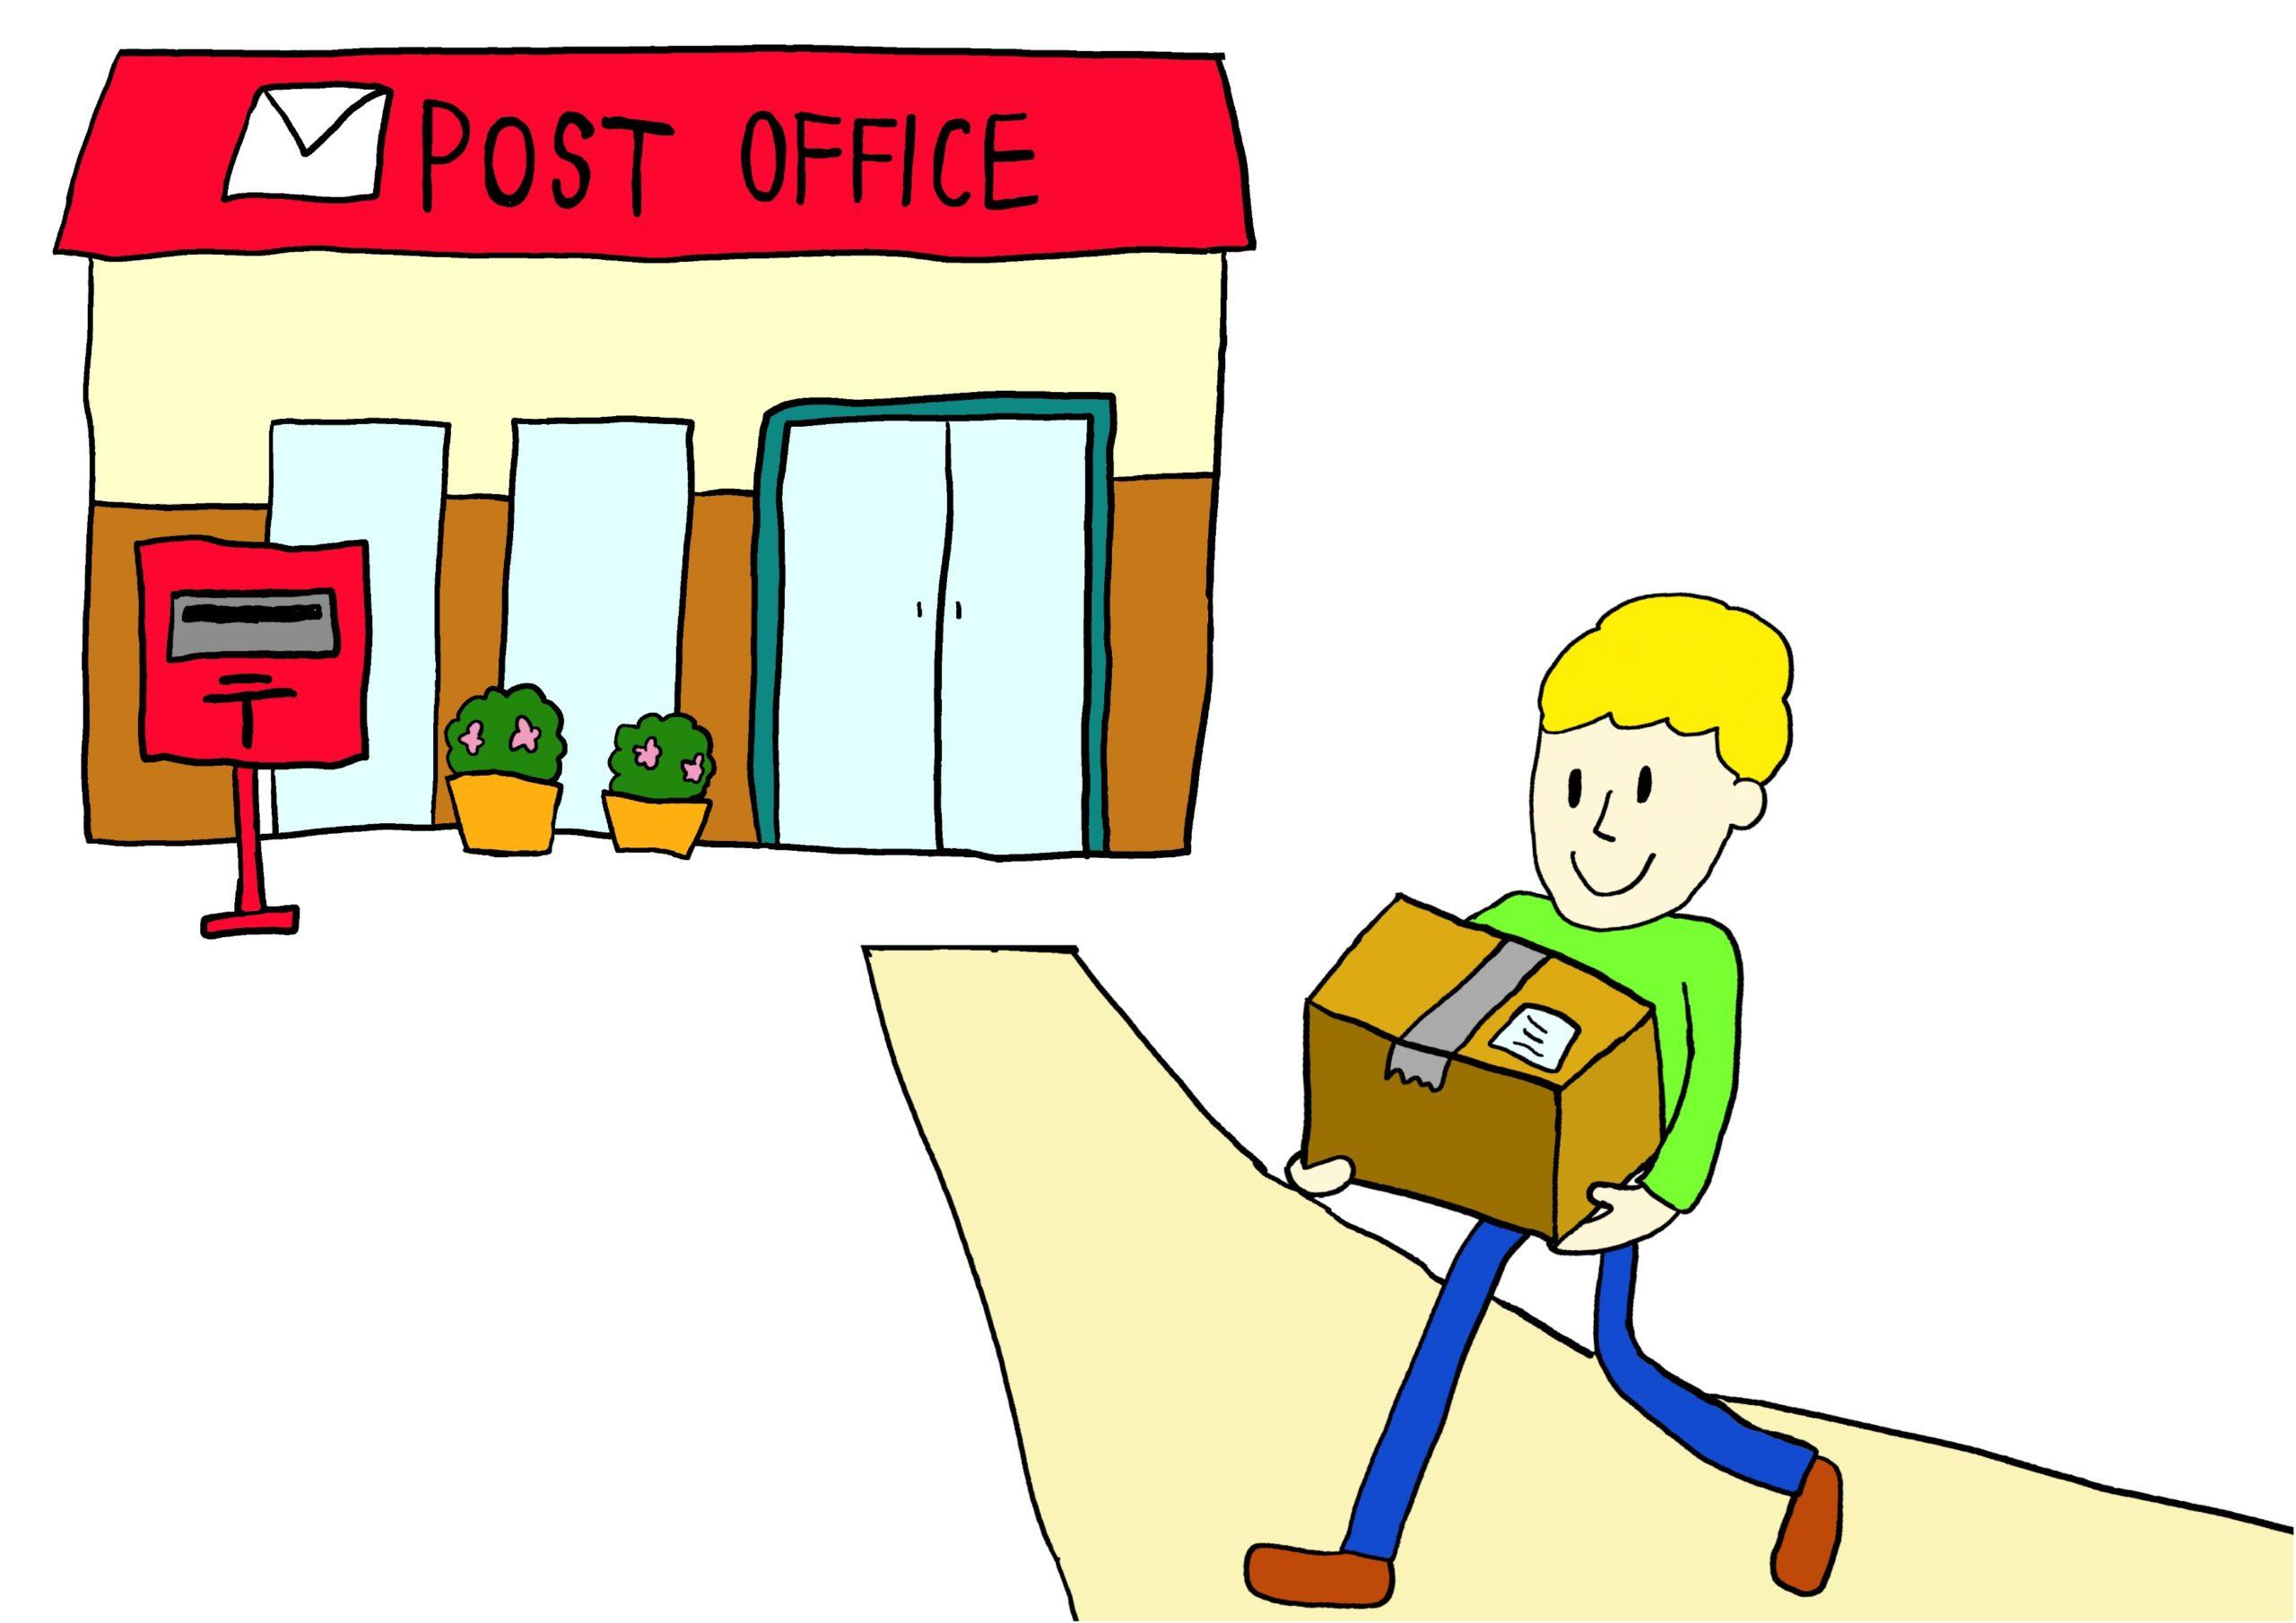 13課イラスト【郵便局へ荷物を送りに行く】